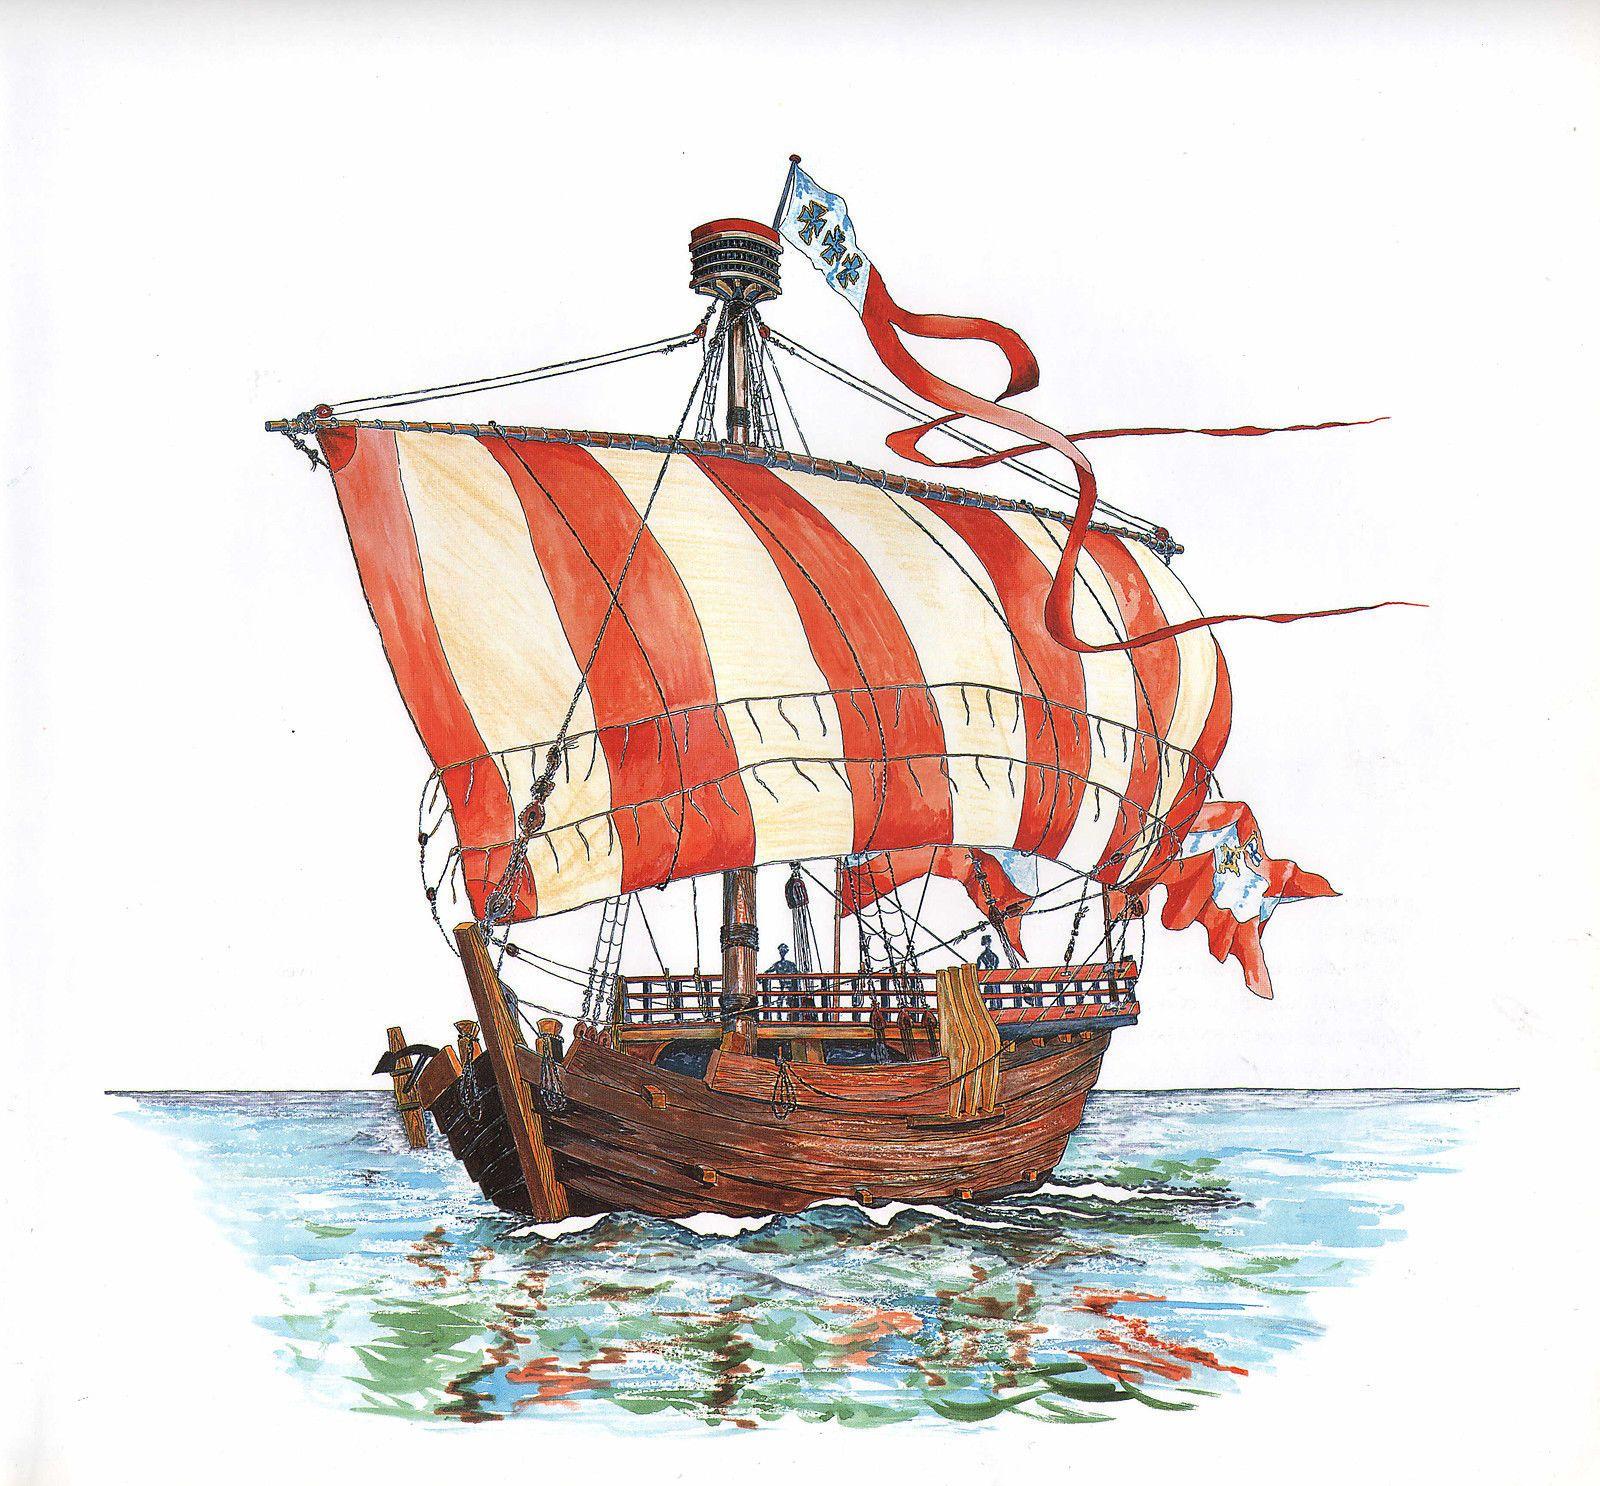 История корабля в открытках анонсов постановки